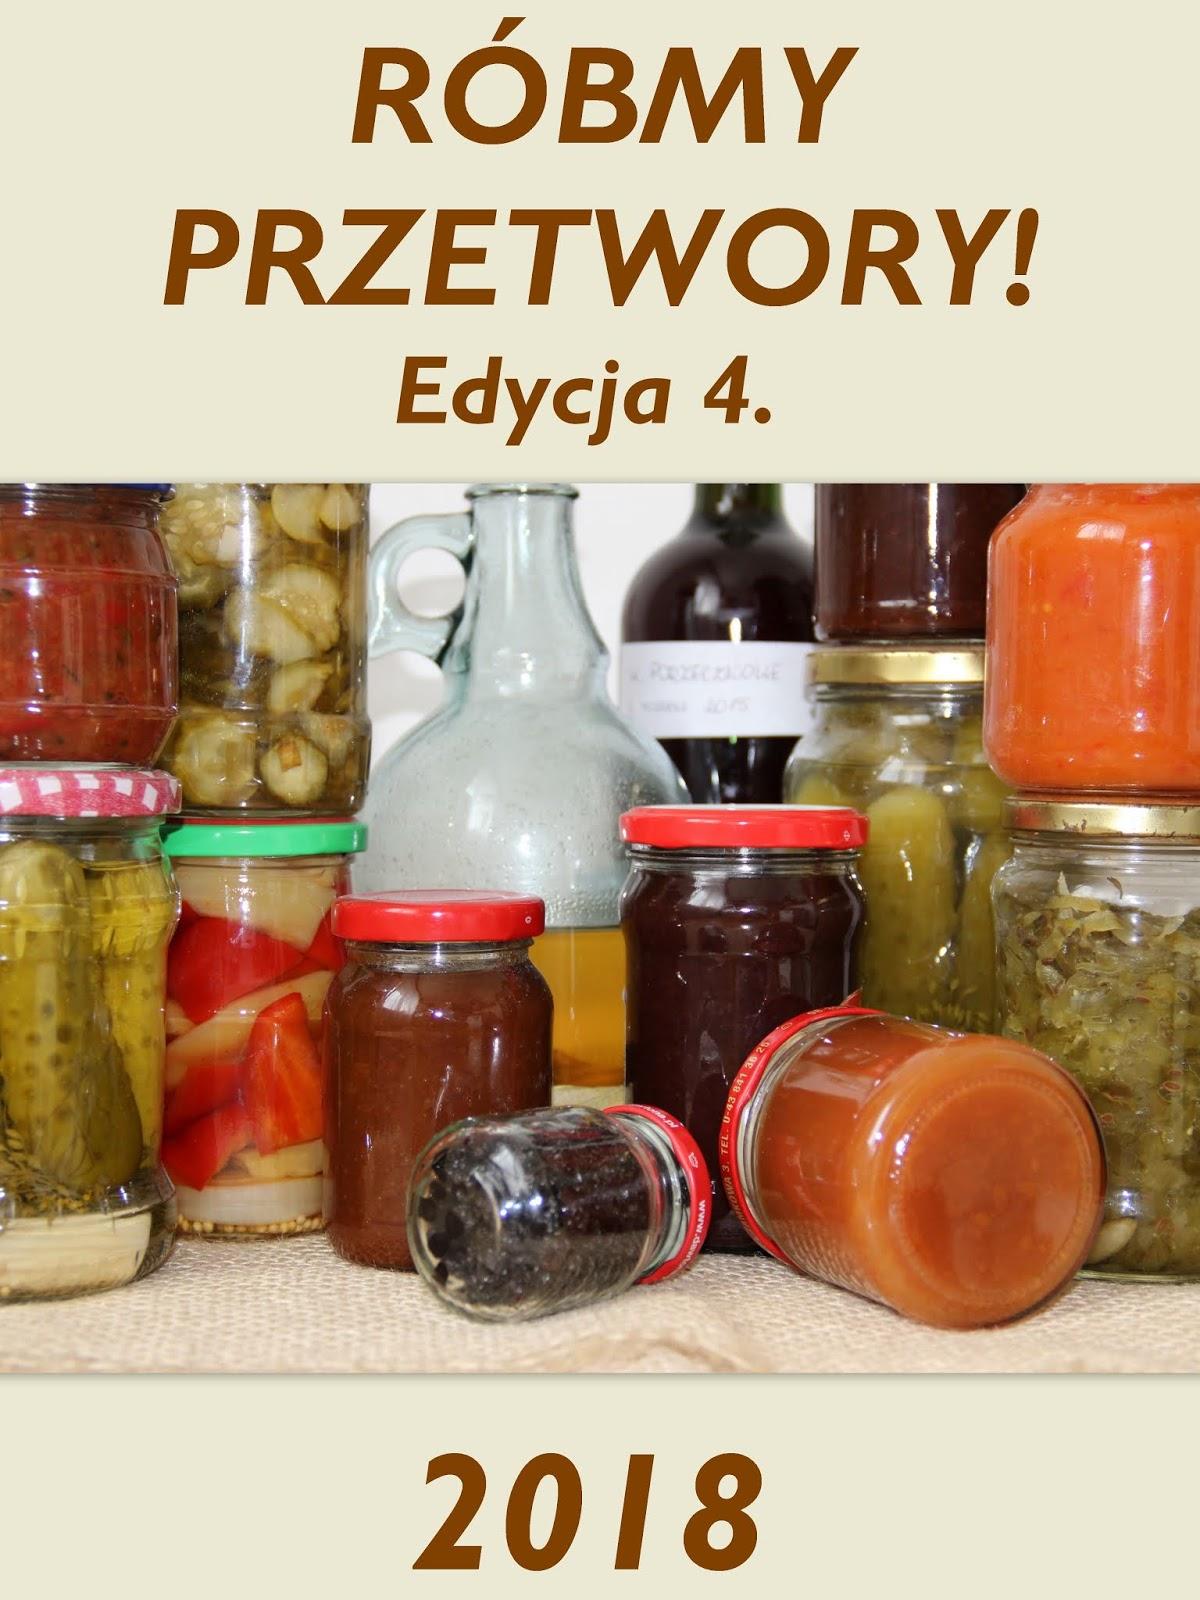 https://weekendywdomuiogrodzie.blogspot.com/2018/07/robmy-przetwory-5-zaproszenie-do-udziau.html